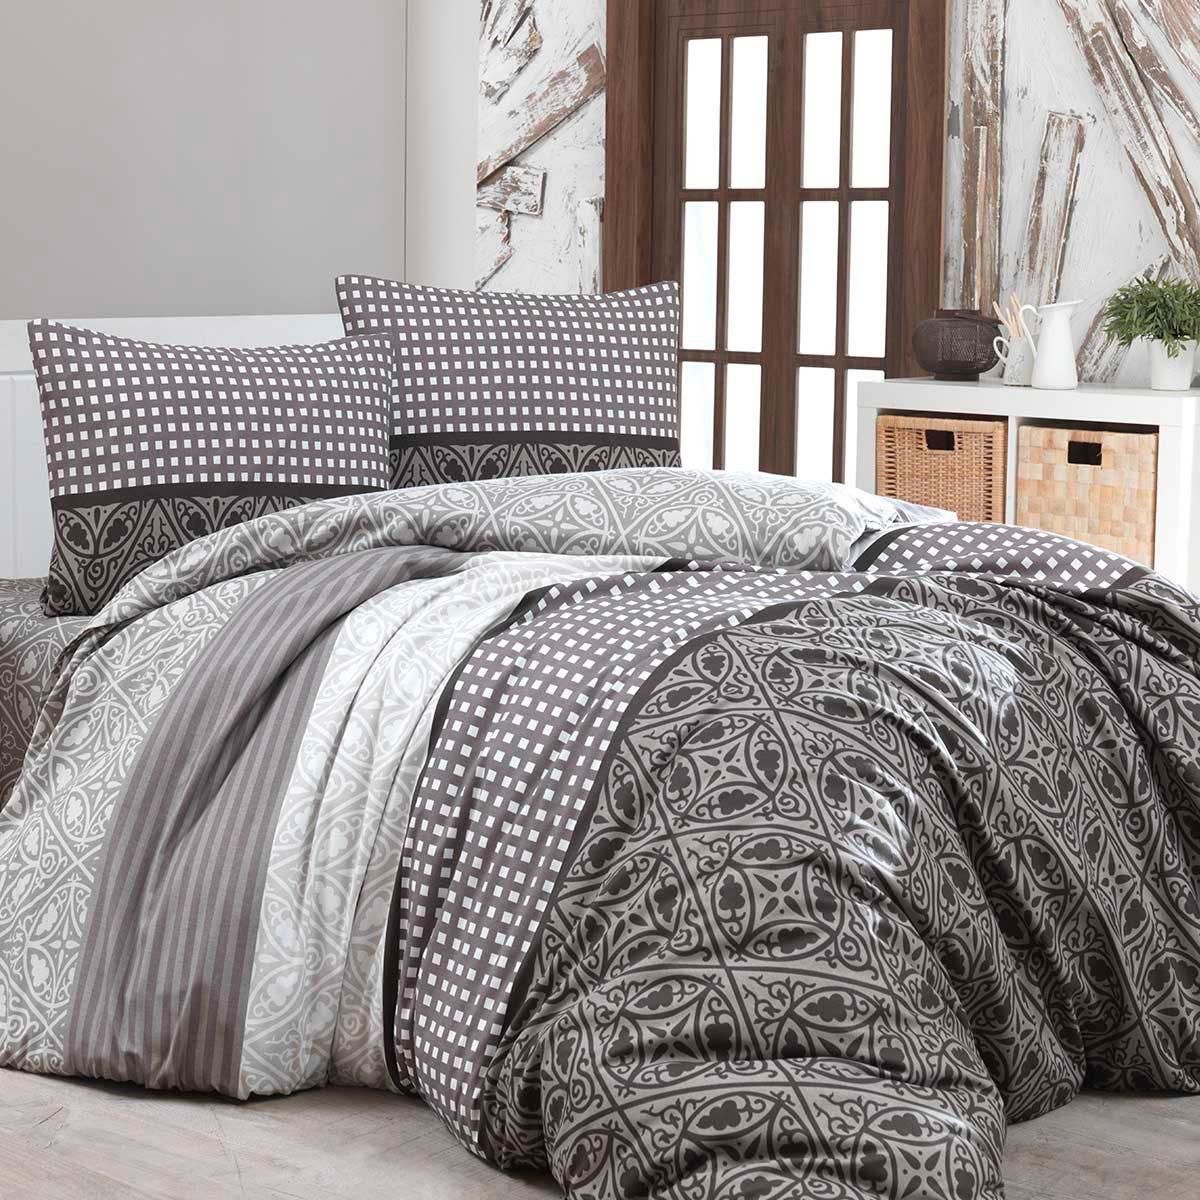 Комплекты постельного белья Arya ar599280